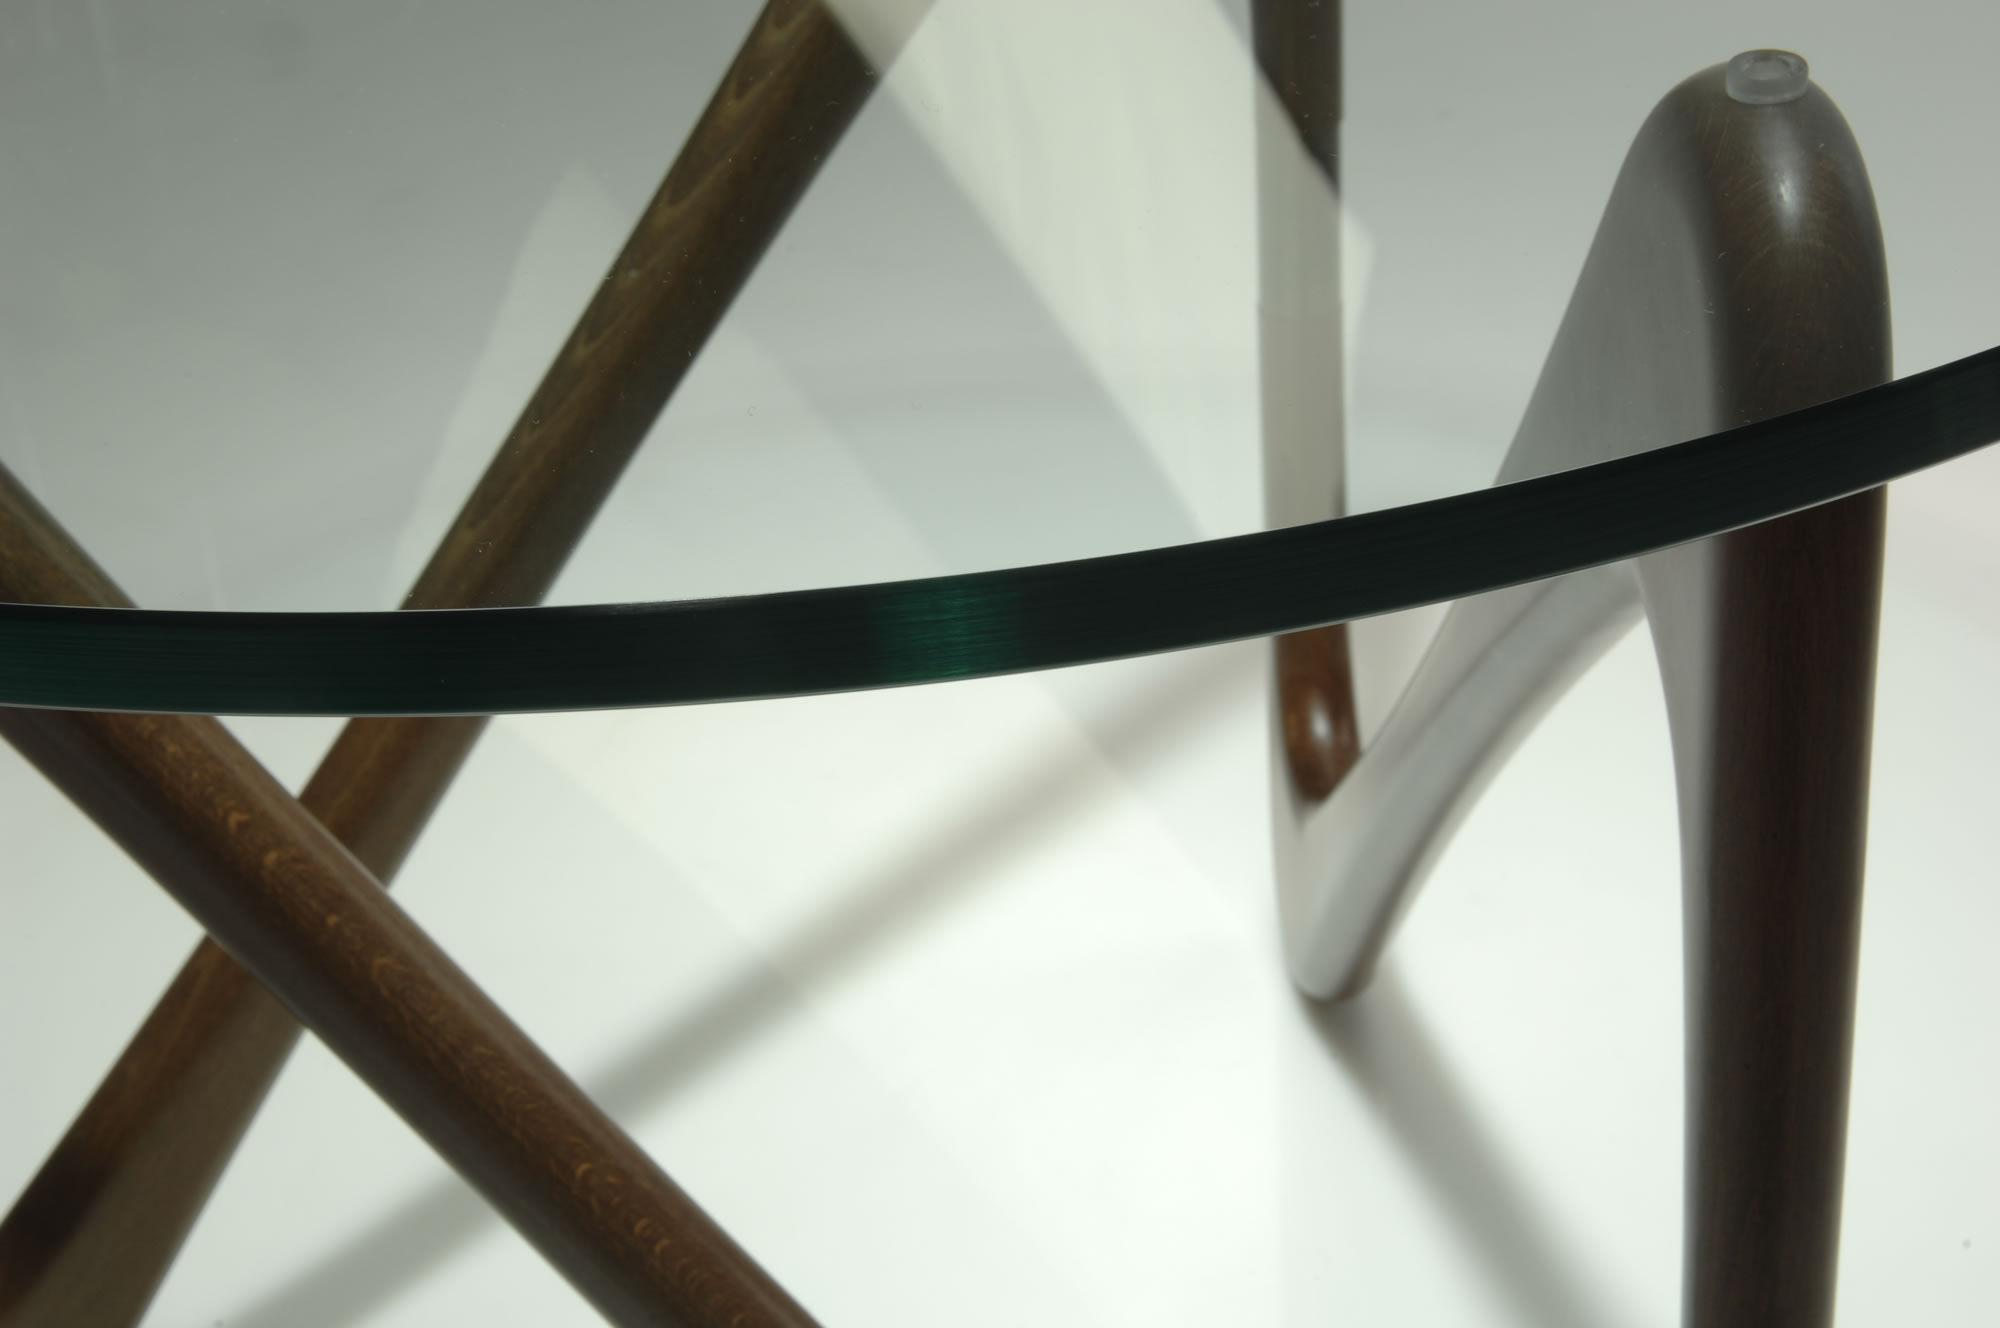 Table Basse Moebius Objekto Structure Hêtre Teinté Noyer H 51 X